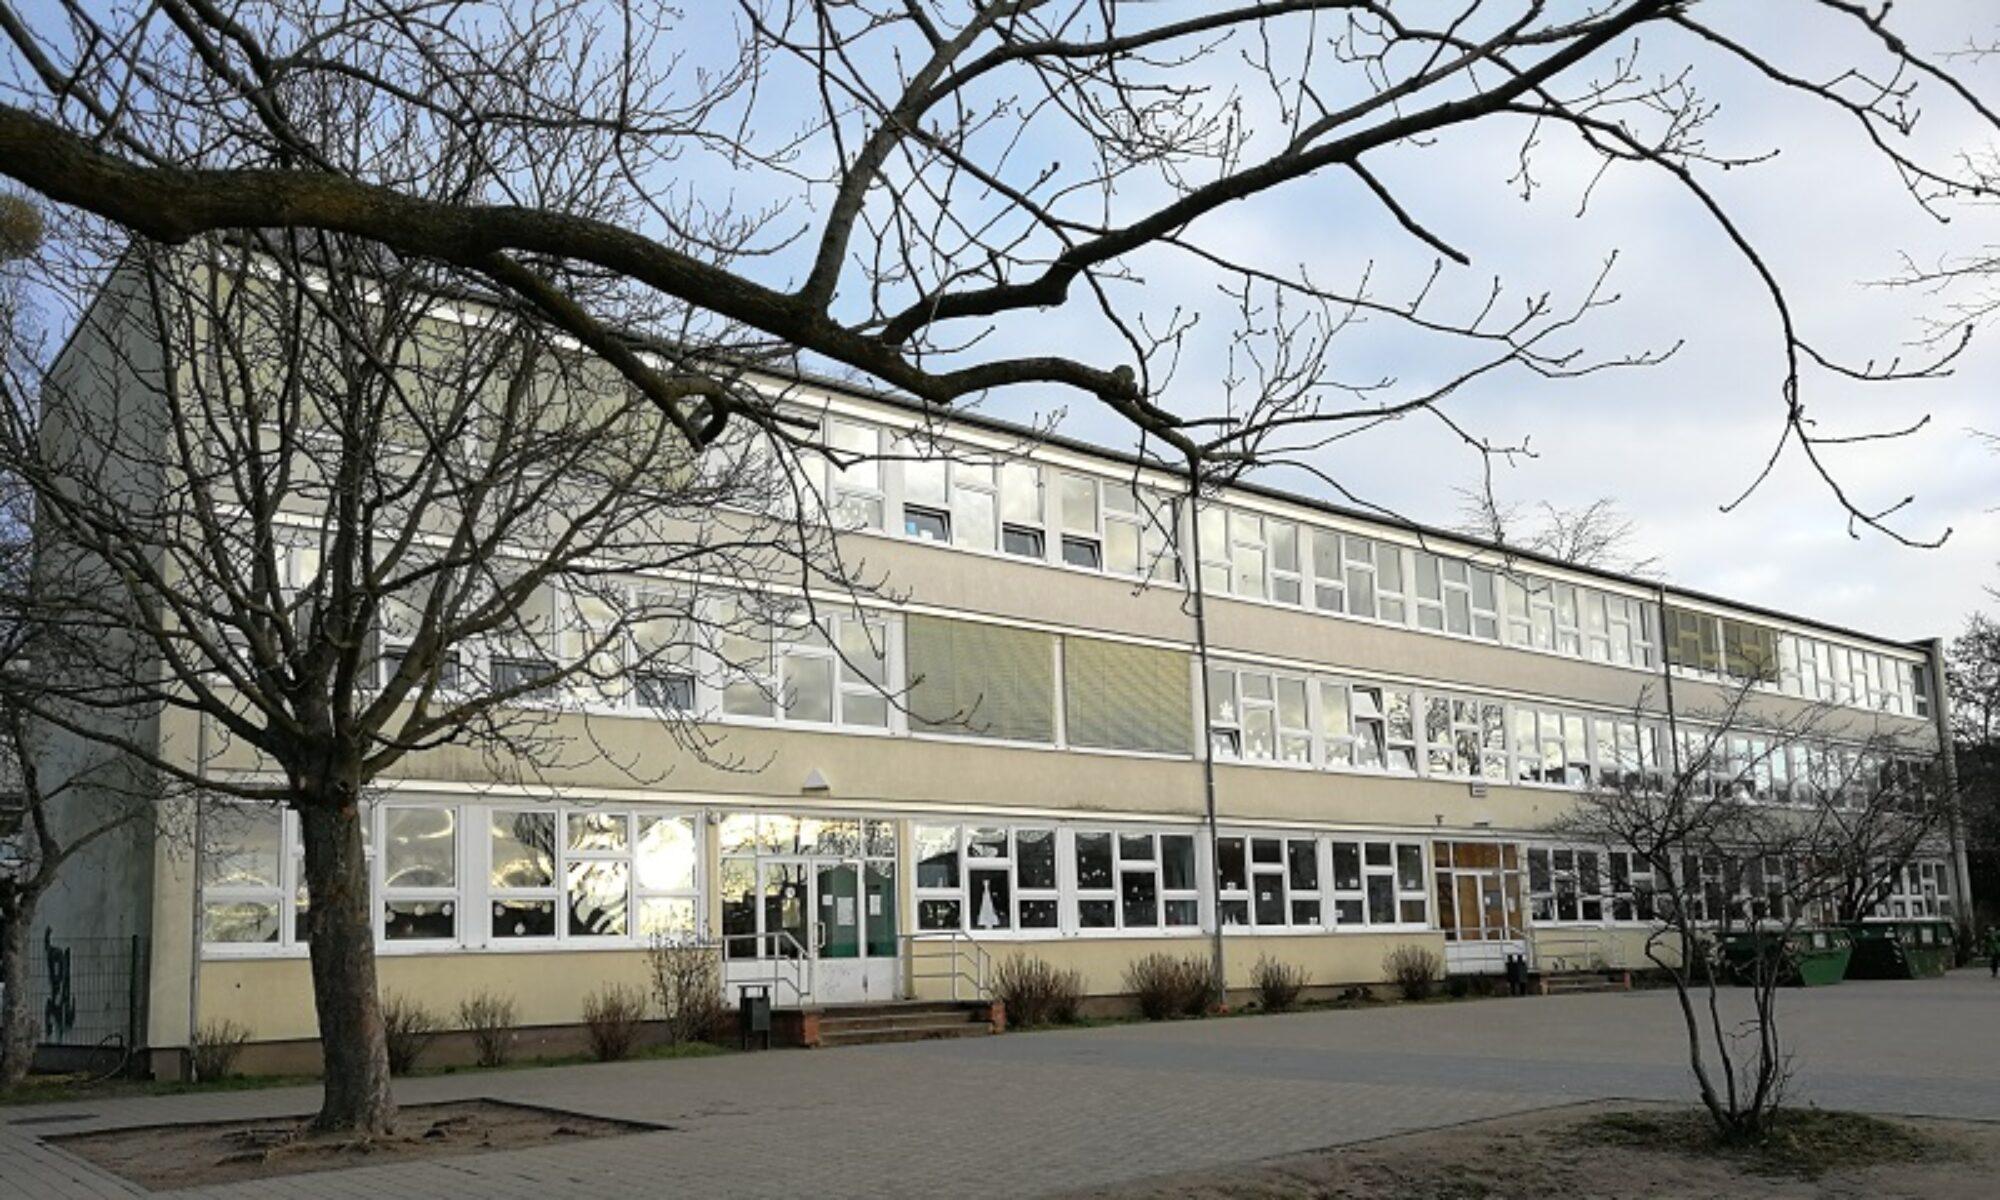 Förderverein der Ernst-von-Stubenrauch-Grundschule Teltow e.V.